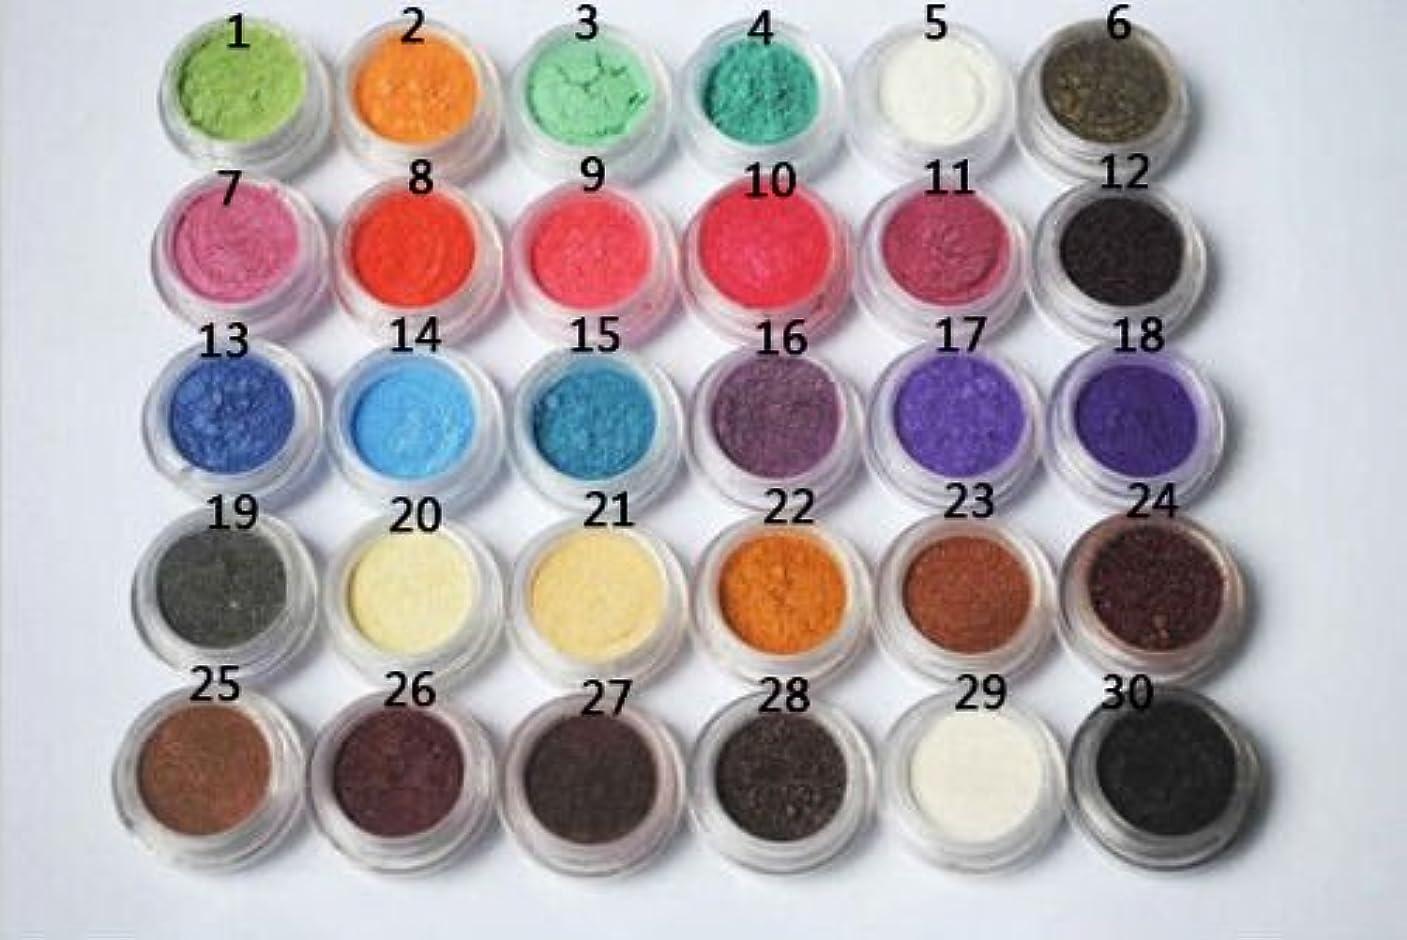 ルネッサンス蚊リファインFidgetGear ホット30色ミックスアイシャドーメイクアップパウダーピグメントミネラルアイシャドウ30ピース/セット